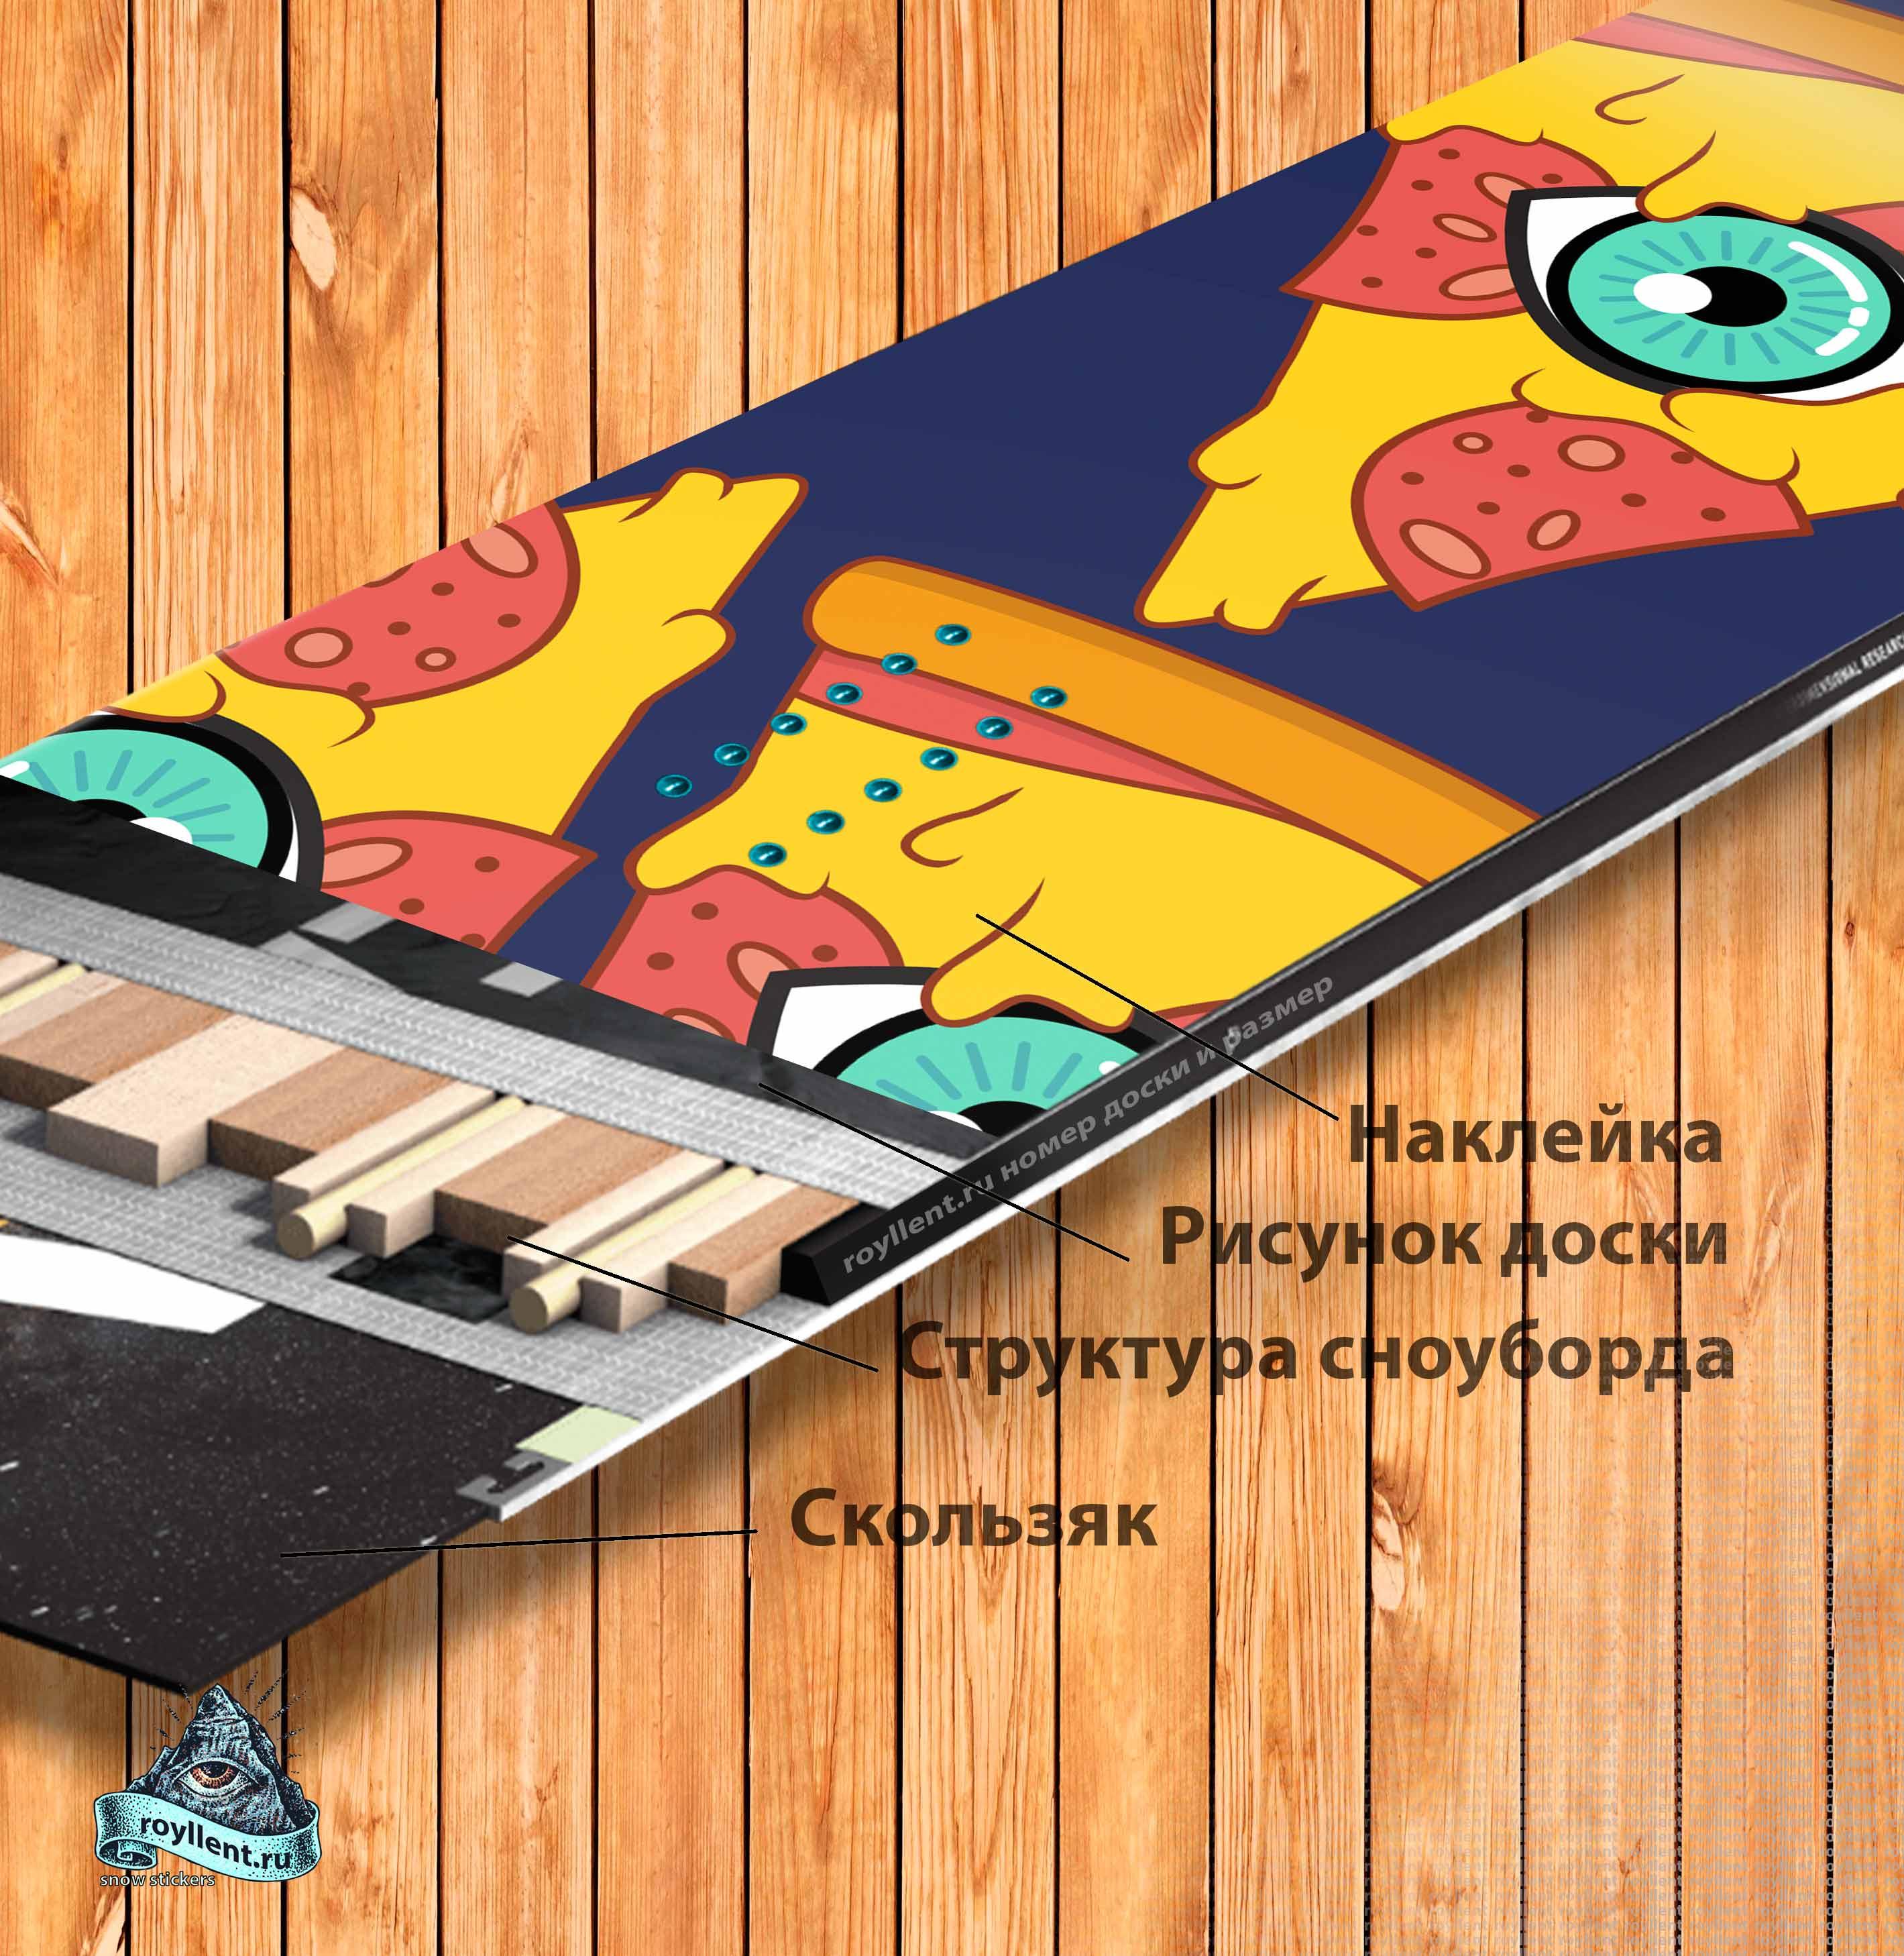 Сноуборд наклейка в стиле Комиксов Comics Pizza with Eye